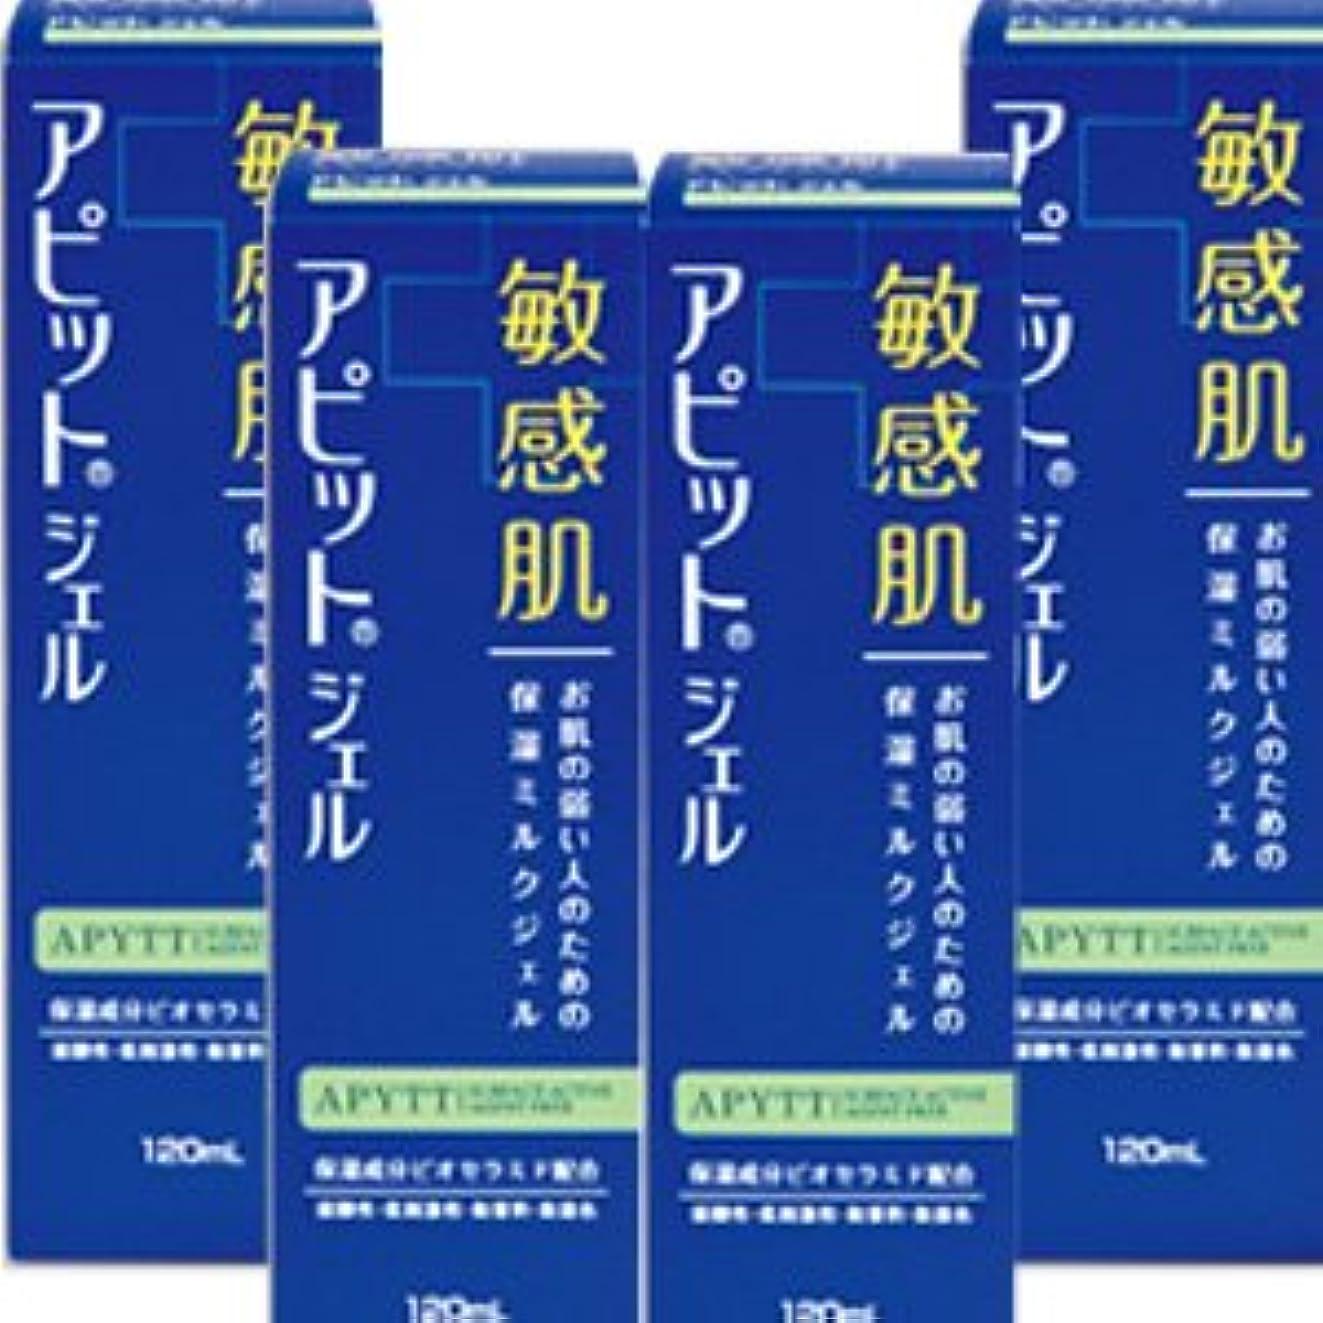 バンガローぬるい変動する【4個】全薬工業 アピットジェルS 120mlx4個セット (4987305034625)